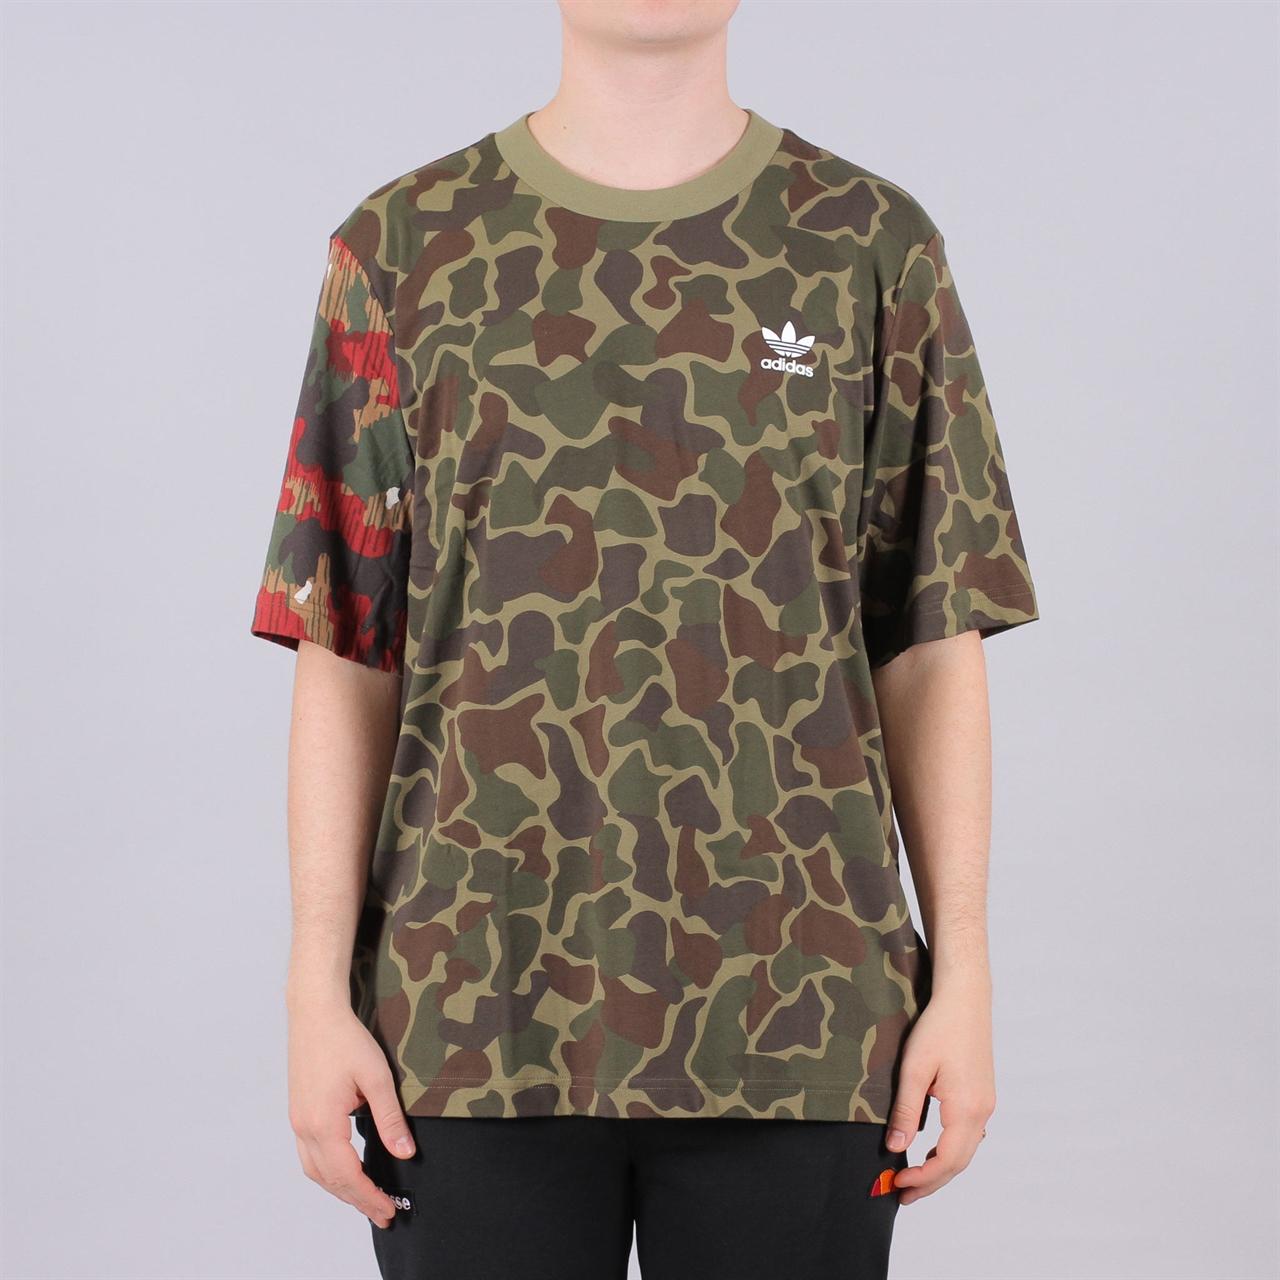 b22a13cc7b4e2 Shelta - Adidas Originals Pharrell Williams Hu Hiking Boxy Tshirt (CY7